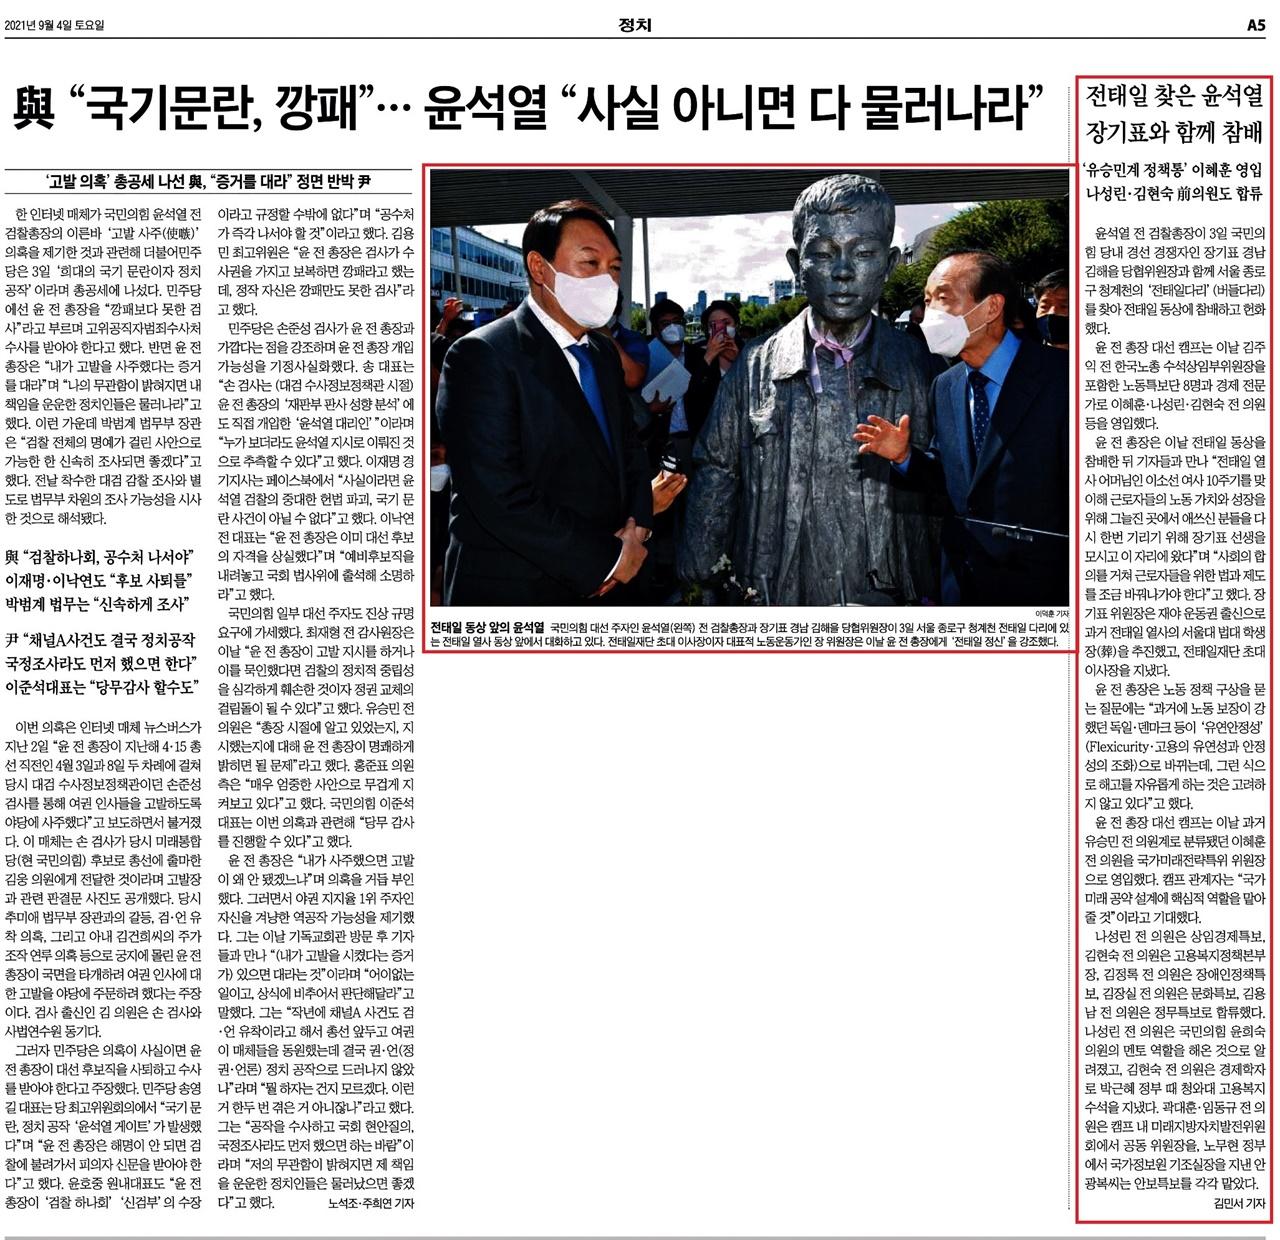 '윤석열 검찰 고발 사주 의혹'과 윤석열 후보 전태일기념관 방문을 나란히 편집한 조선일보(9/4)